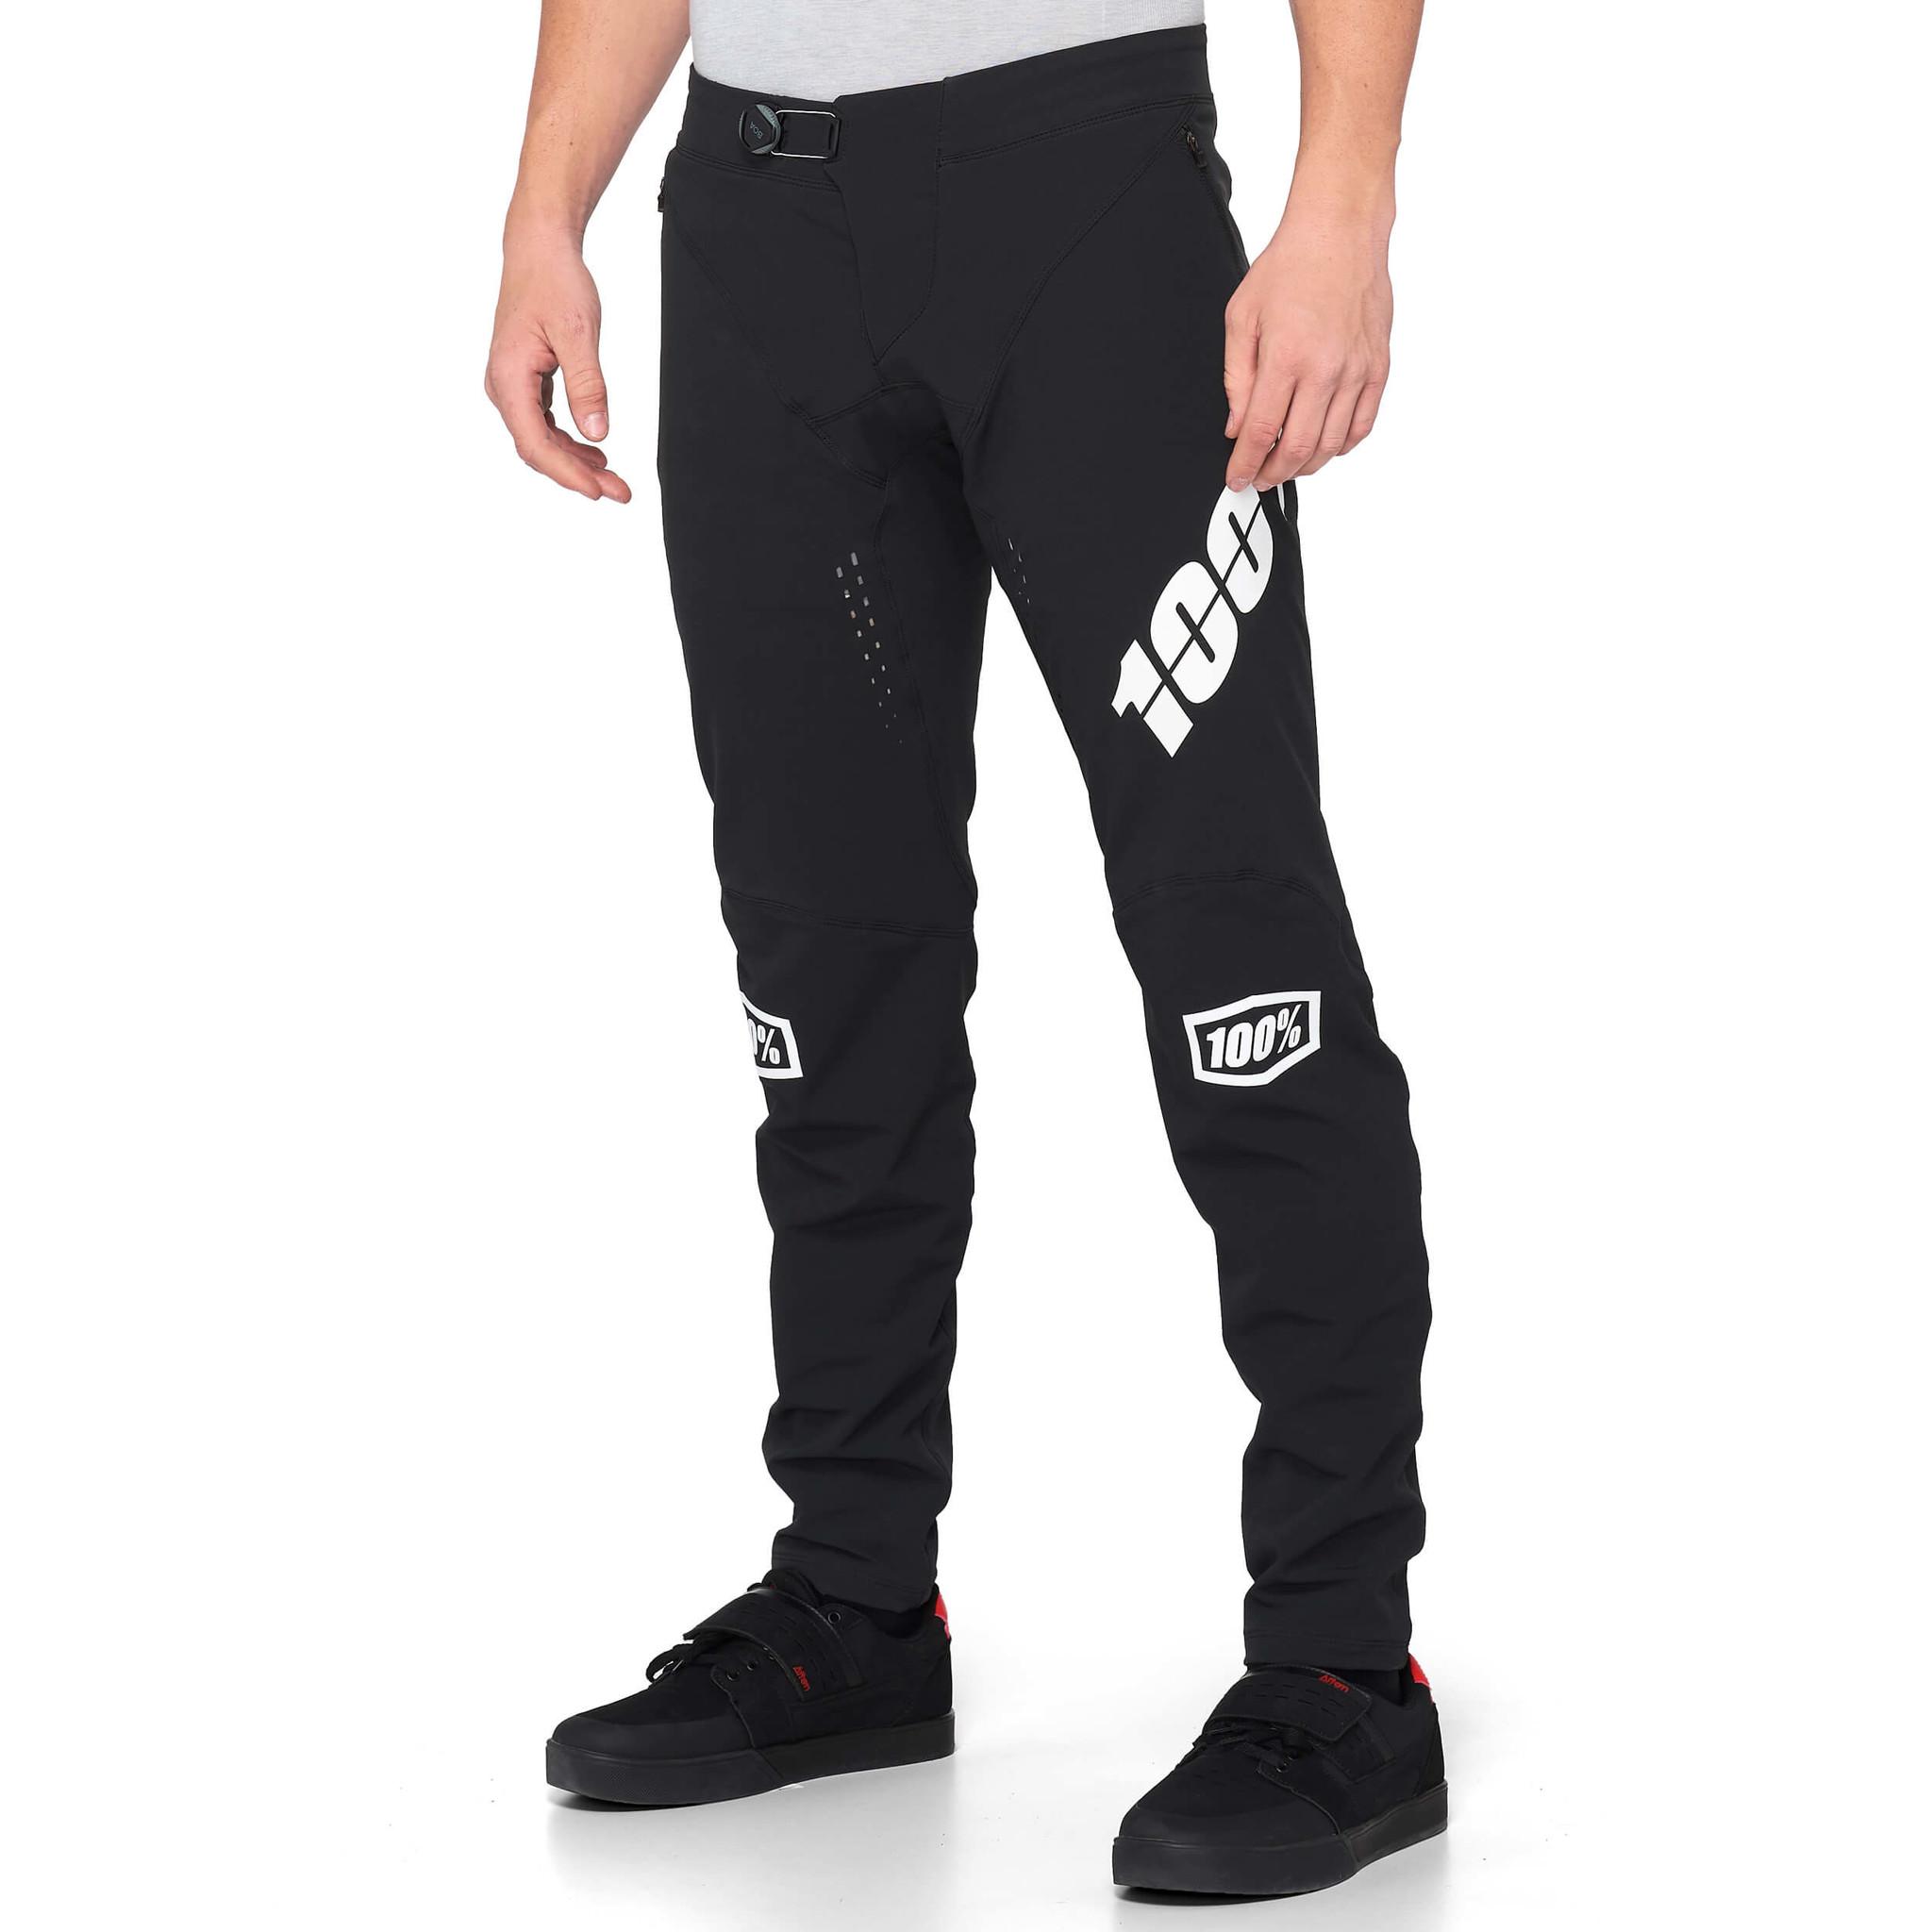 R-Core X Pants-1